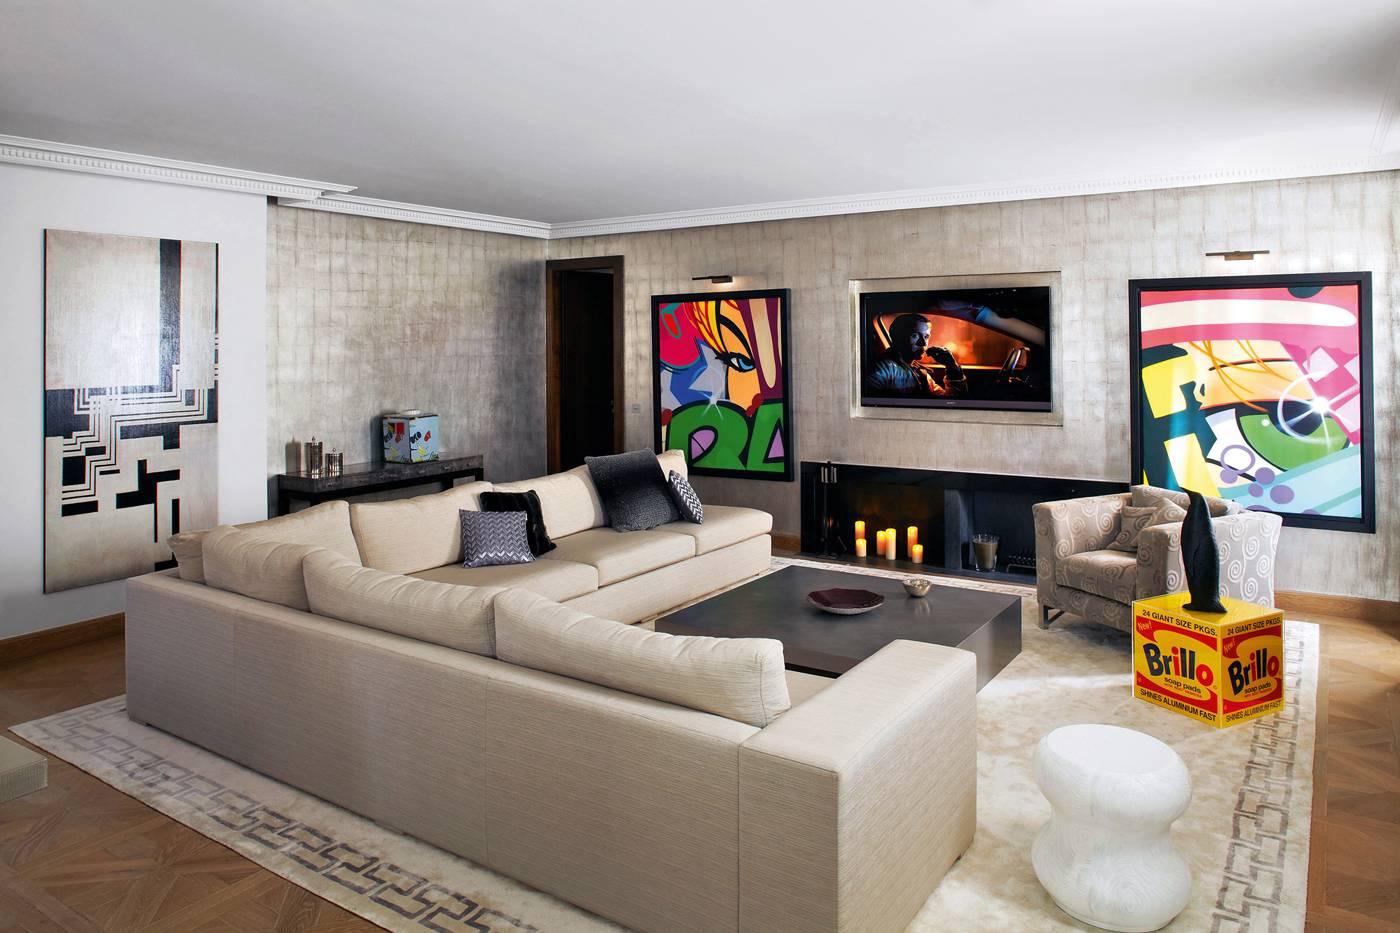 Au salon TV, canapé sur mesure de Stéphanie Coutas et tissus Armani, table basse « Danica » (Armani Casa), tapis Pierre Frey Braquenié. Au mur, œuvres originales de  « Crash » John Matos.